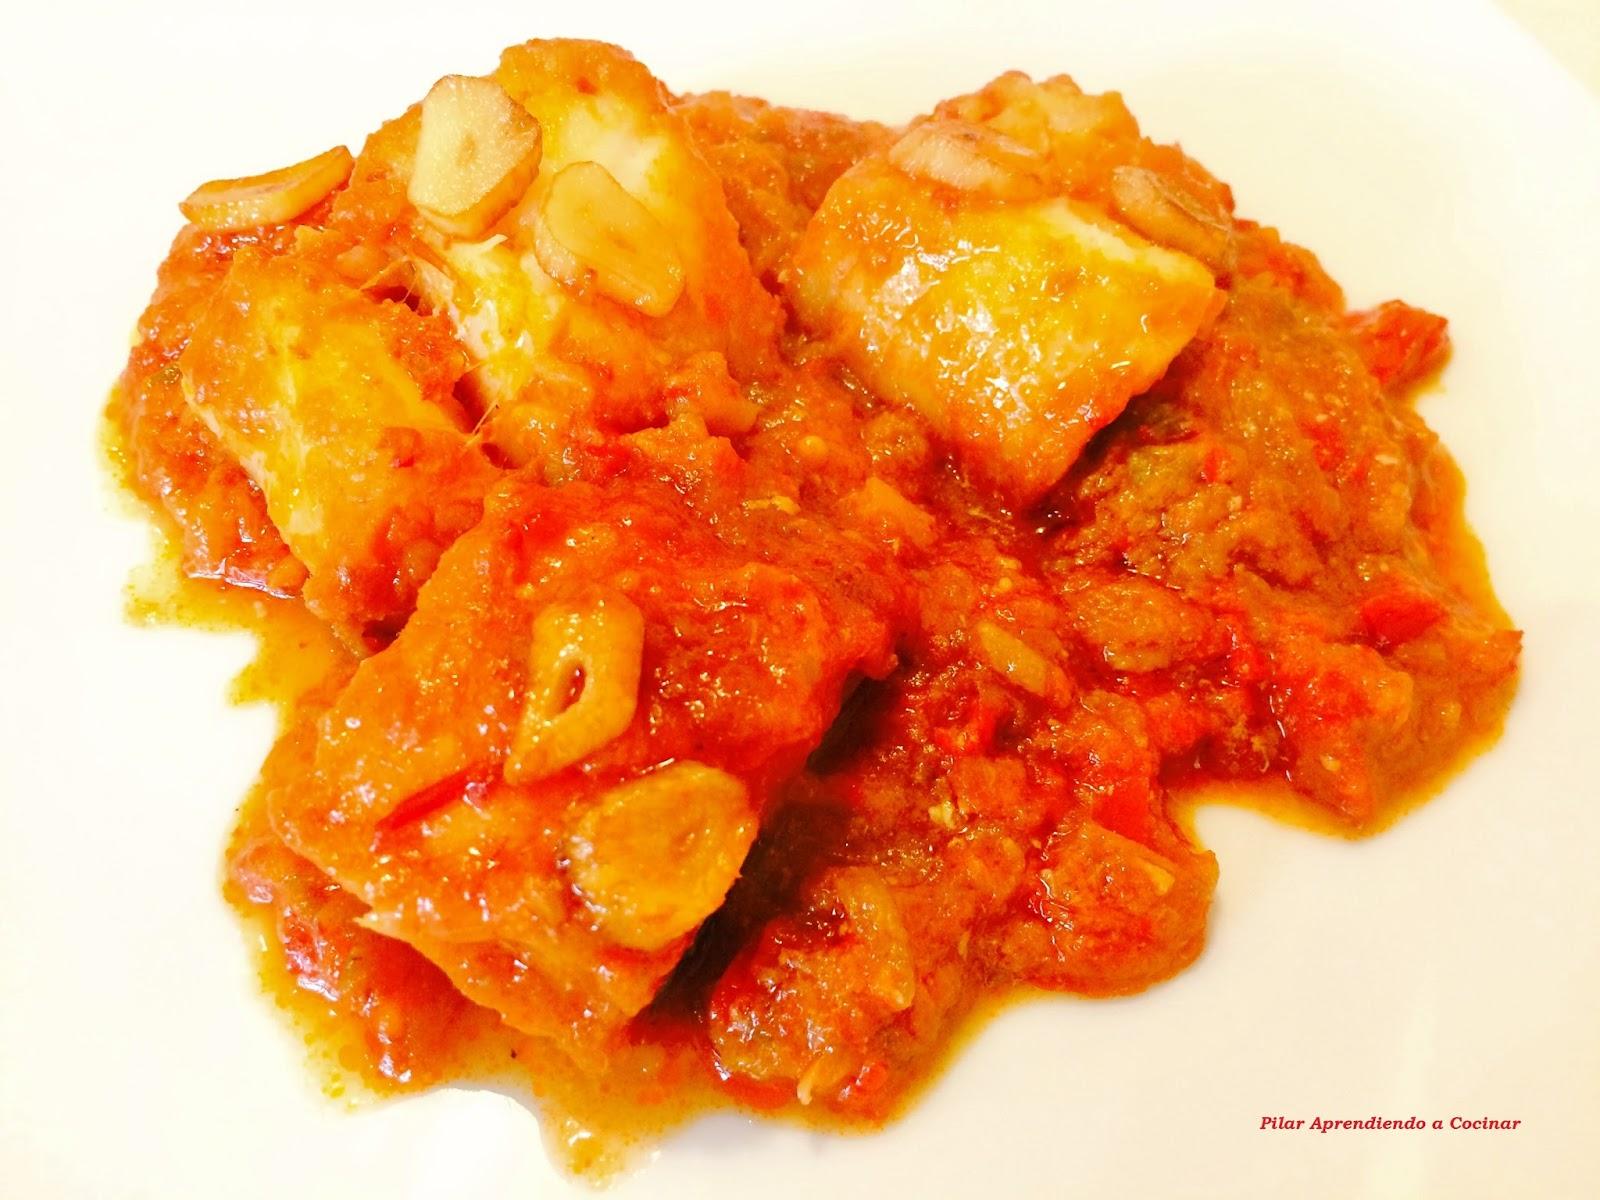 Aprendiendo a cocinar bacalao en tomate con patatas - Cocinar bacalao desalado ...